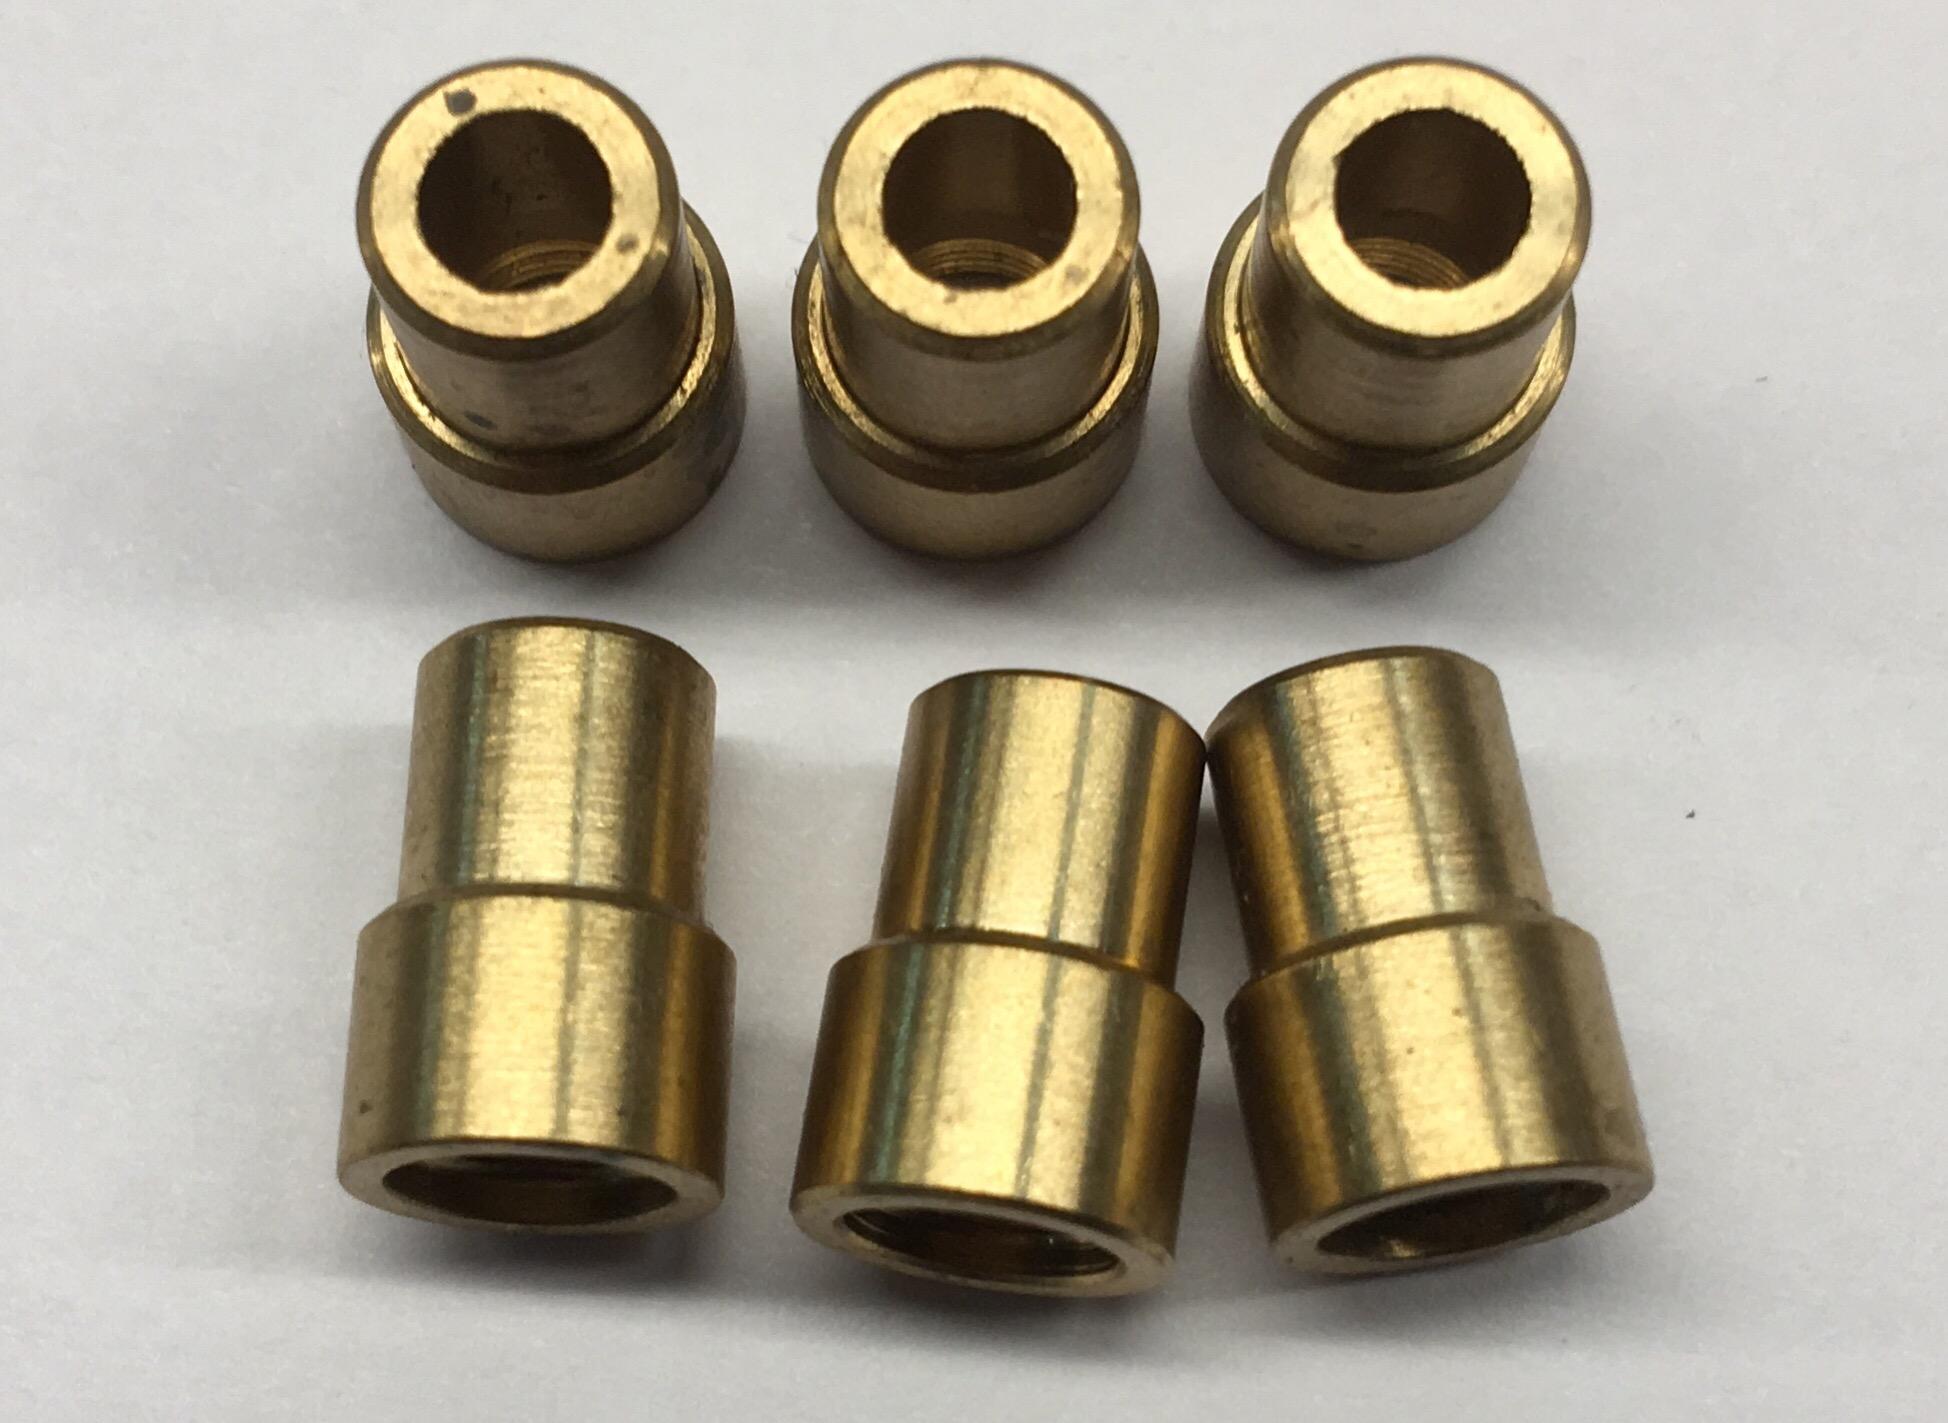 6er Pack Geschosskappen 4,5mm für LEP